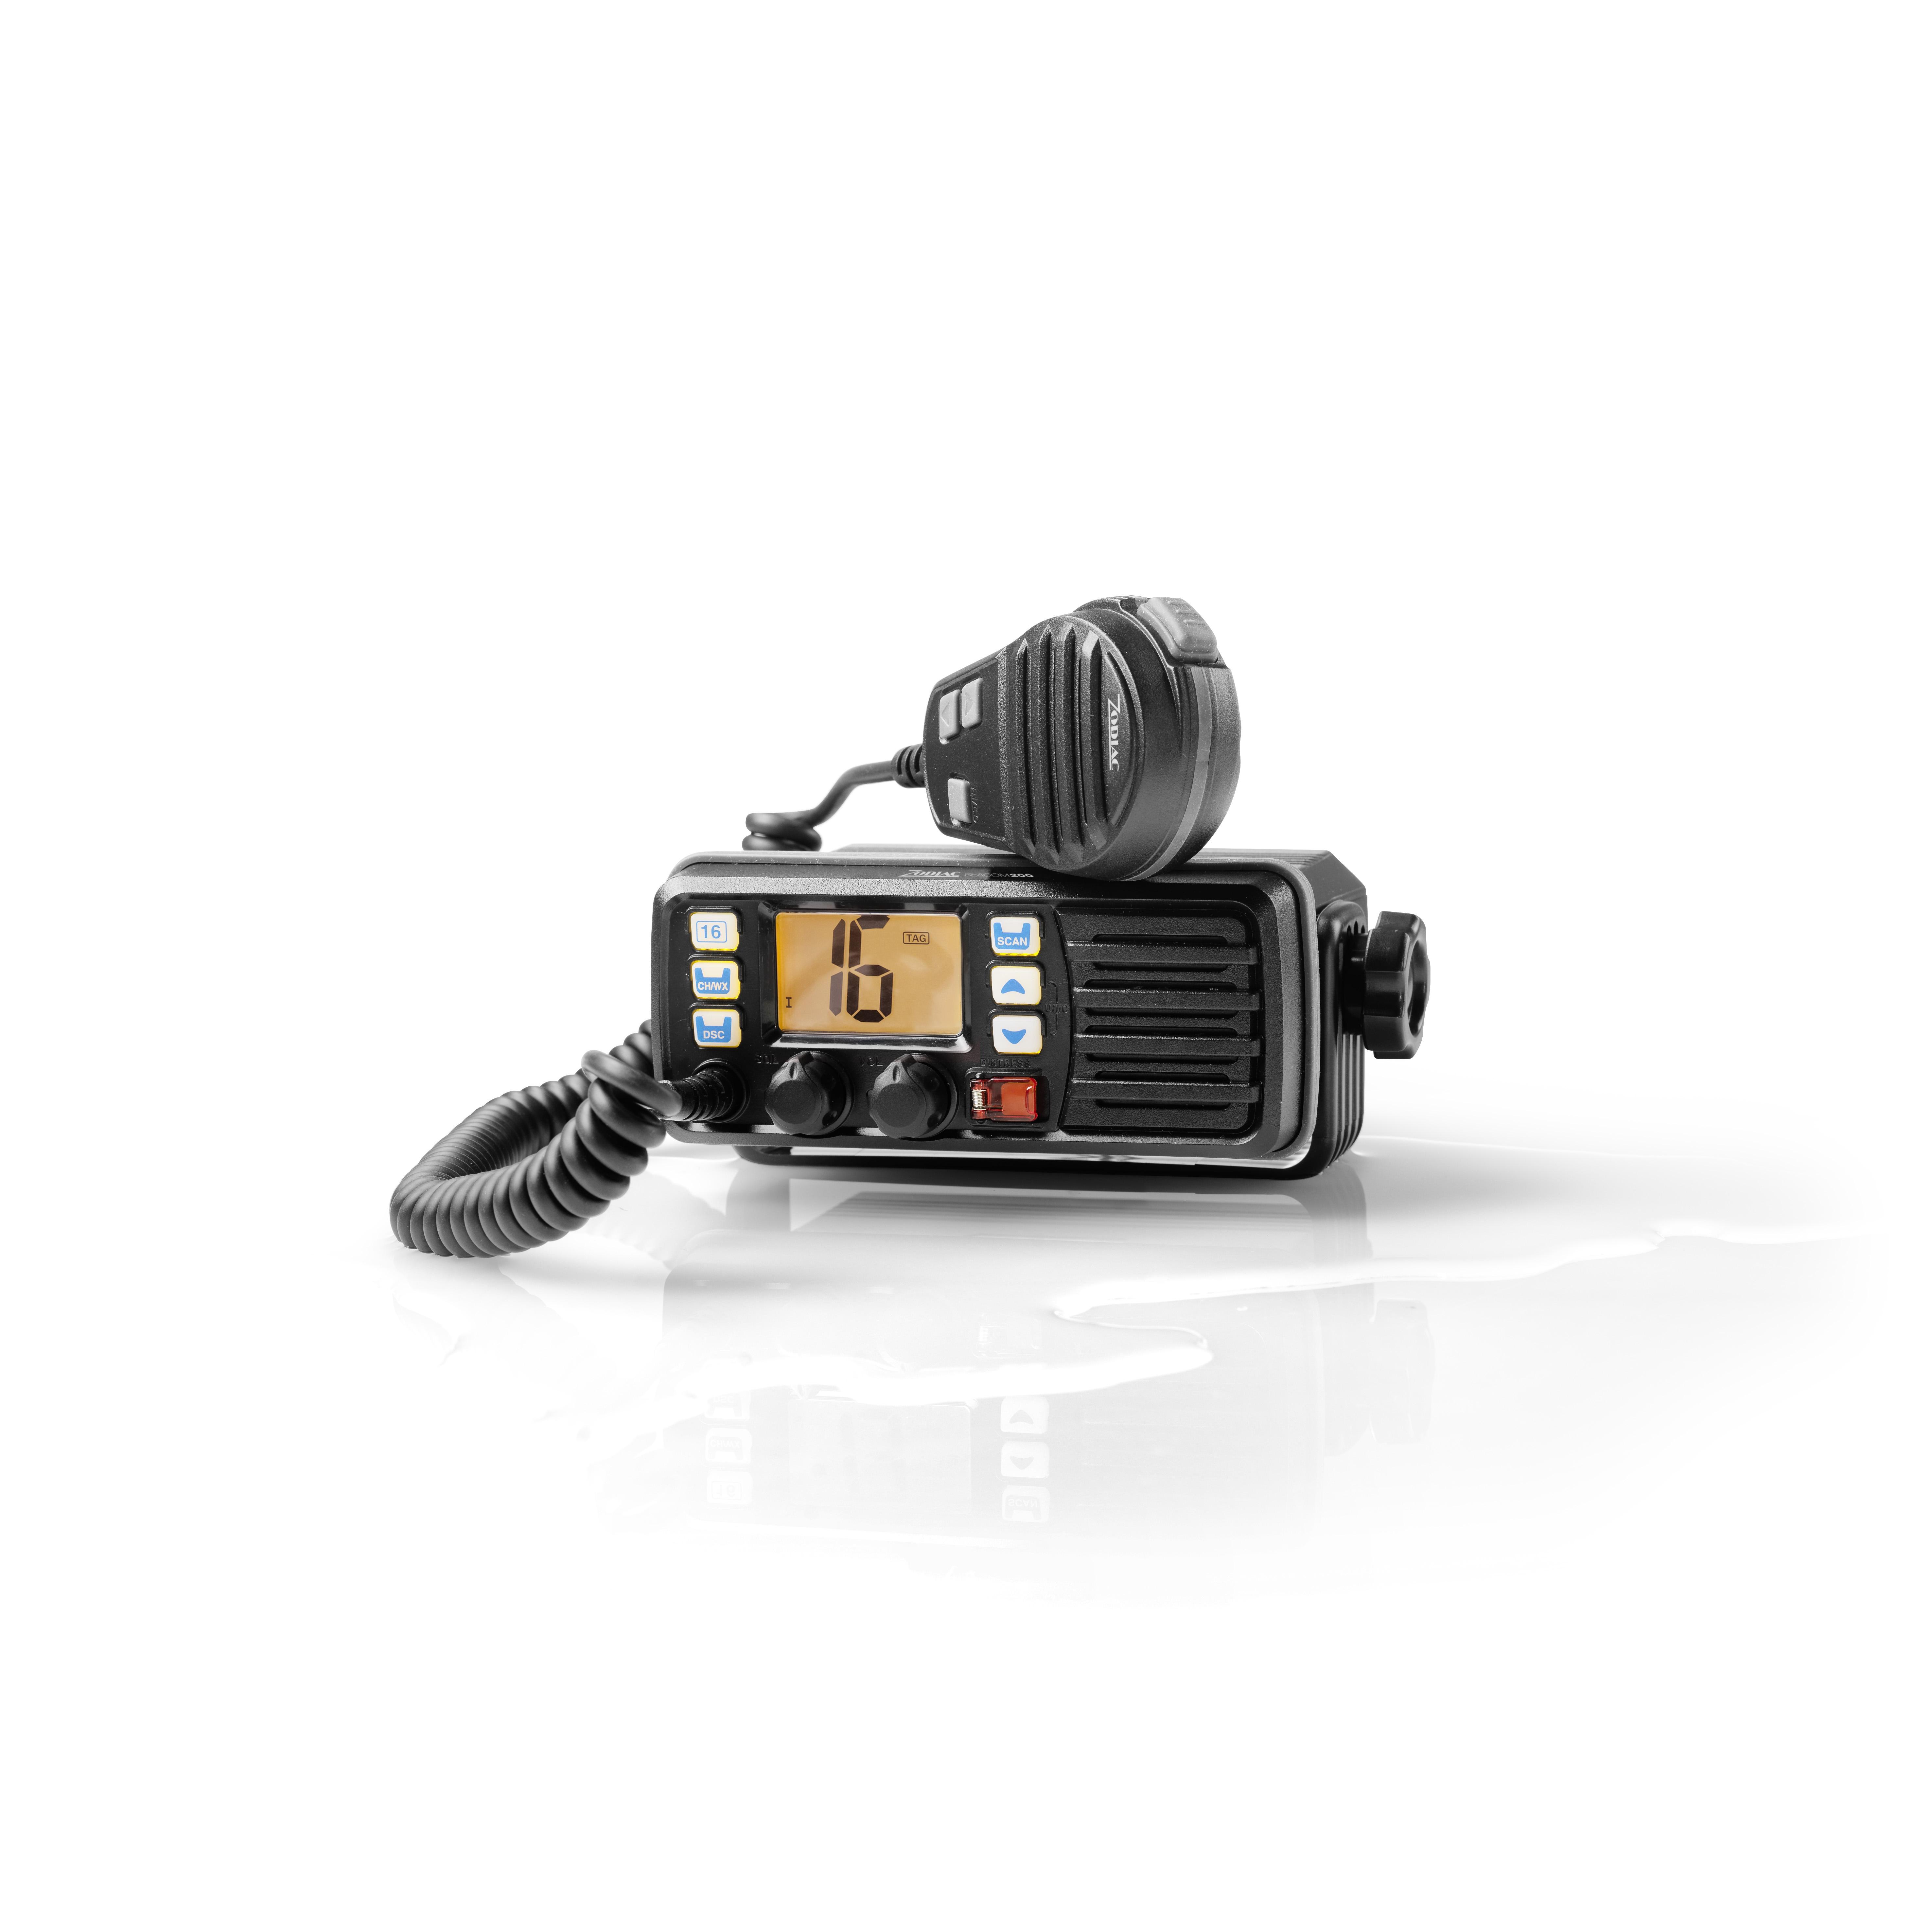 Zodiac Seacom 200 VHF